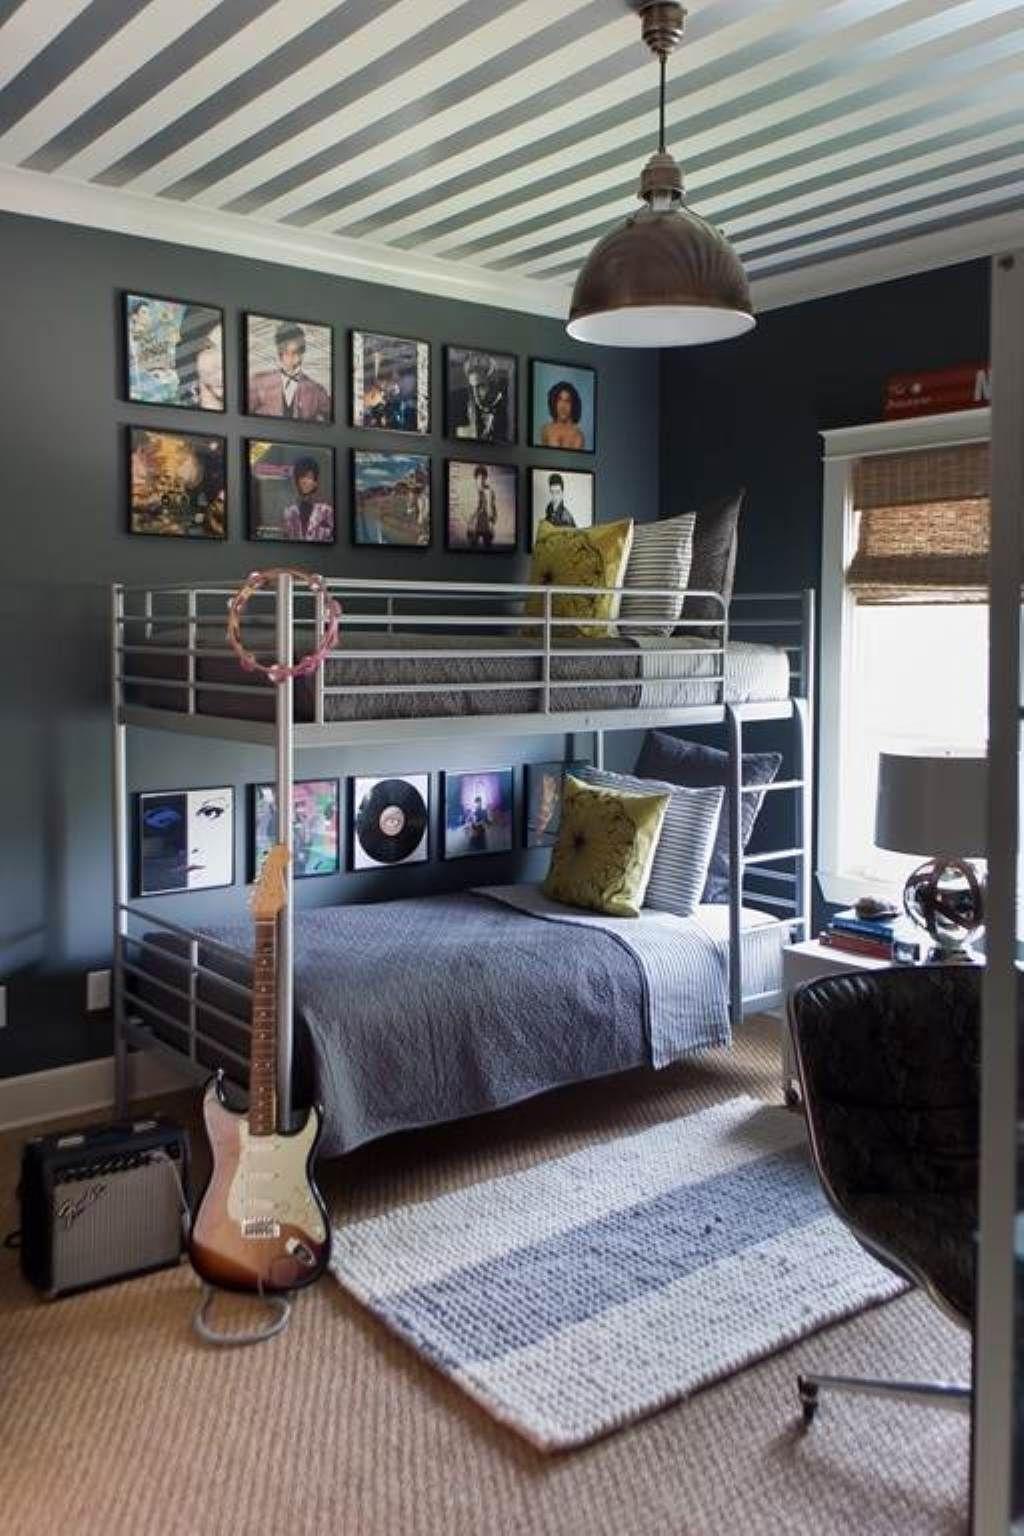 Impressive bedroomdesign ideas to boys 27